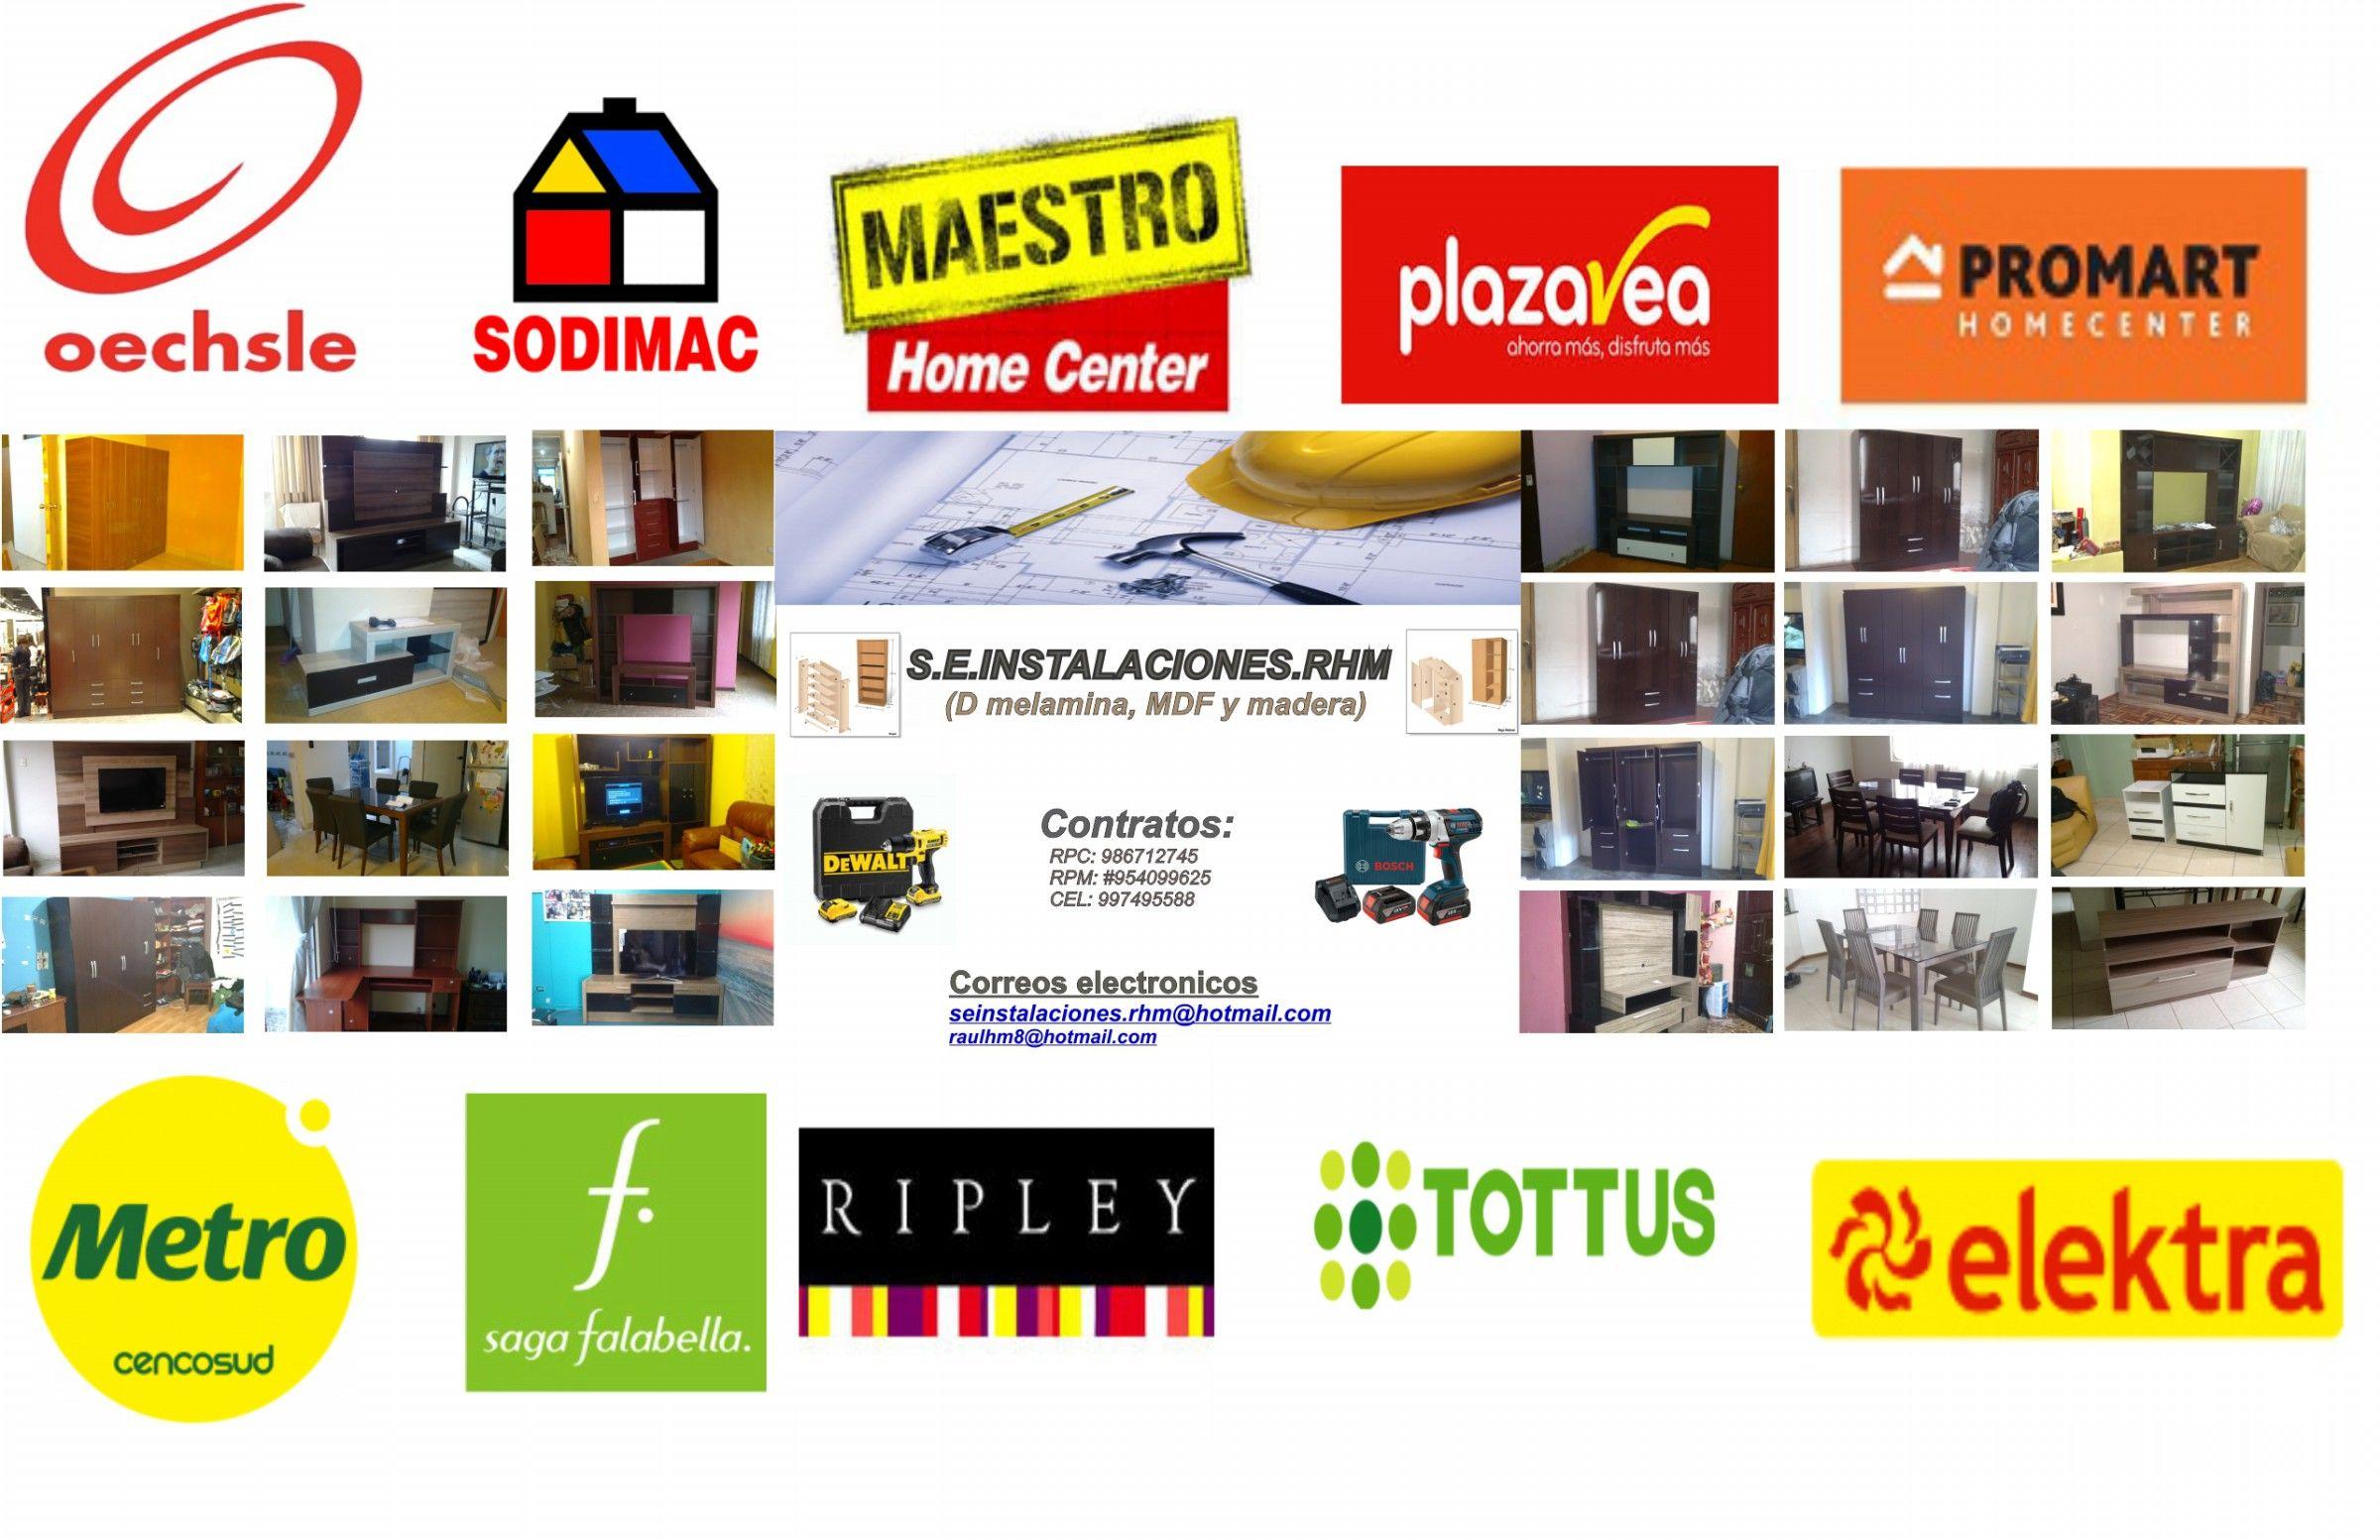 Logotipo De Seinstalaciones Rhm Cotratos Para El Armado De Muebles  # Muebles Falabella Santiago